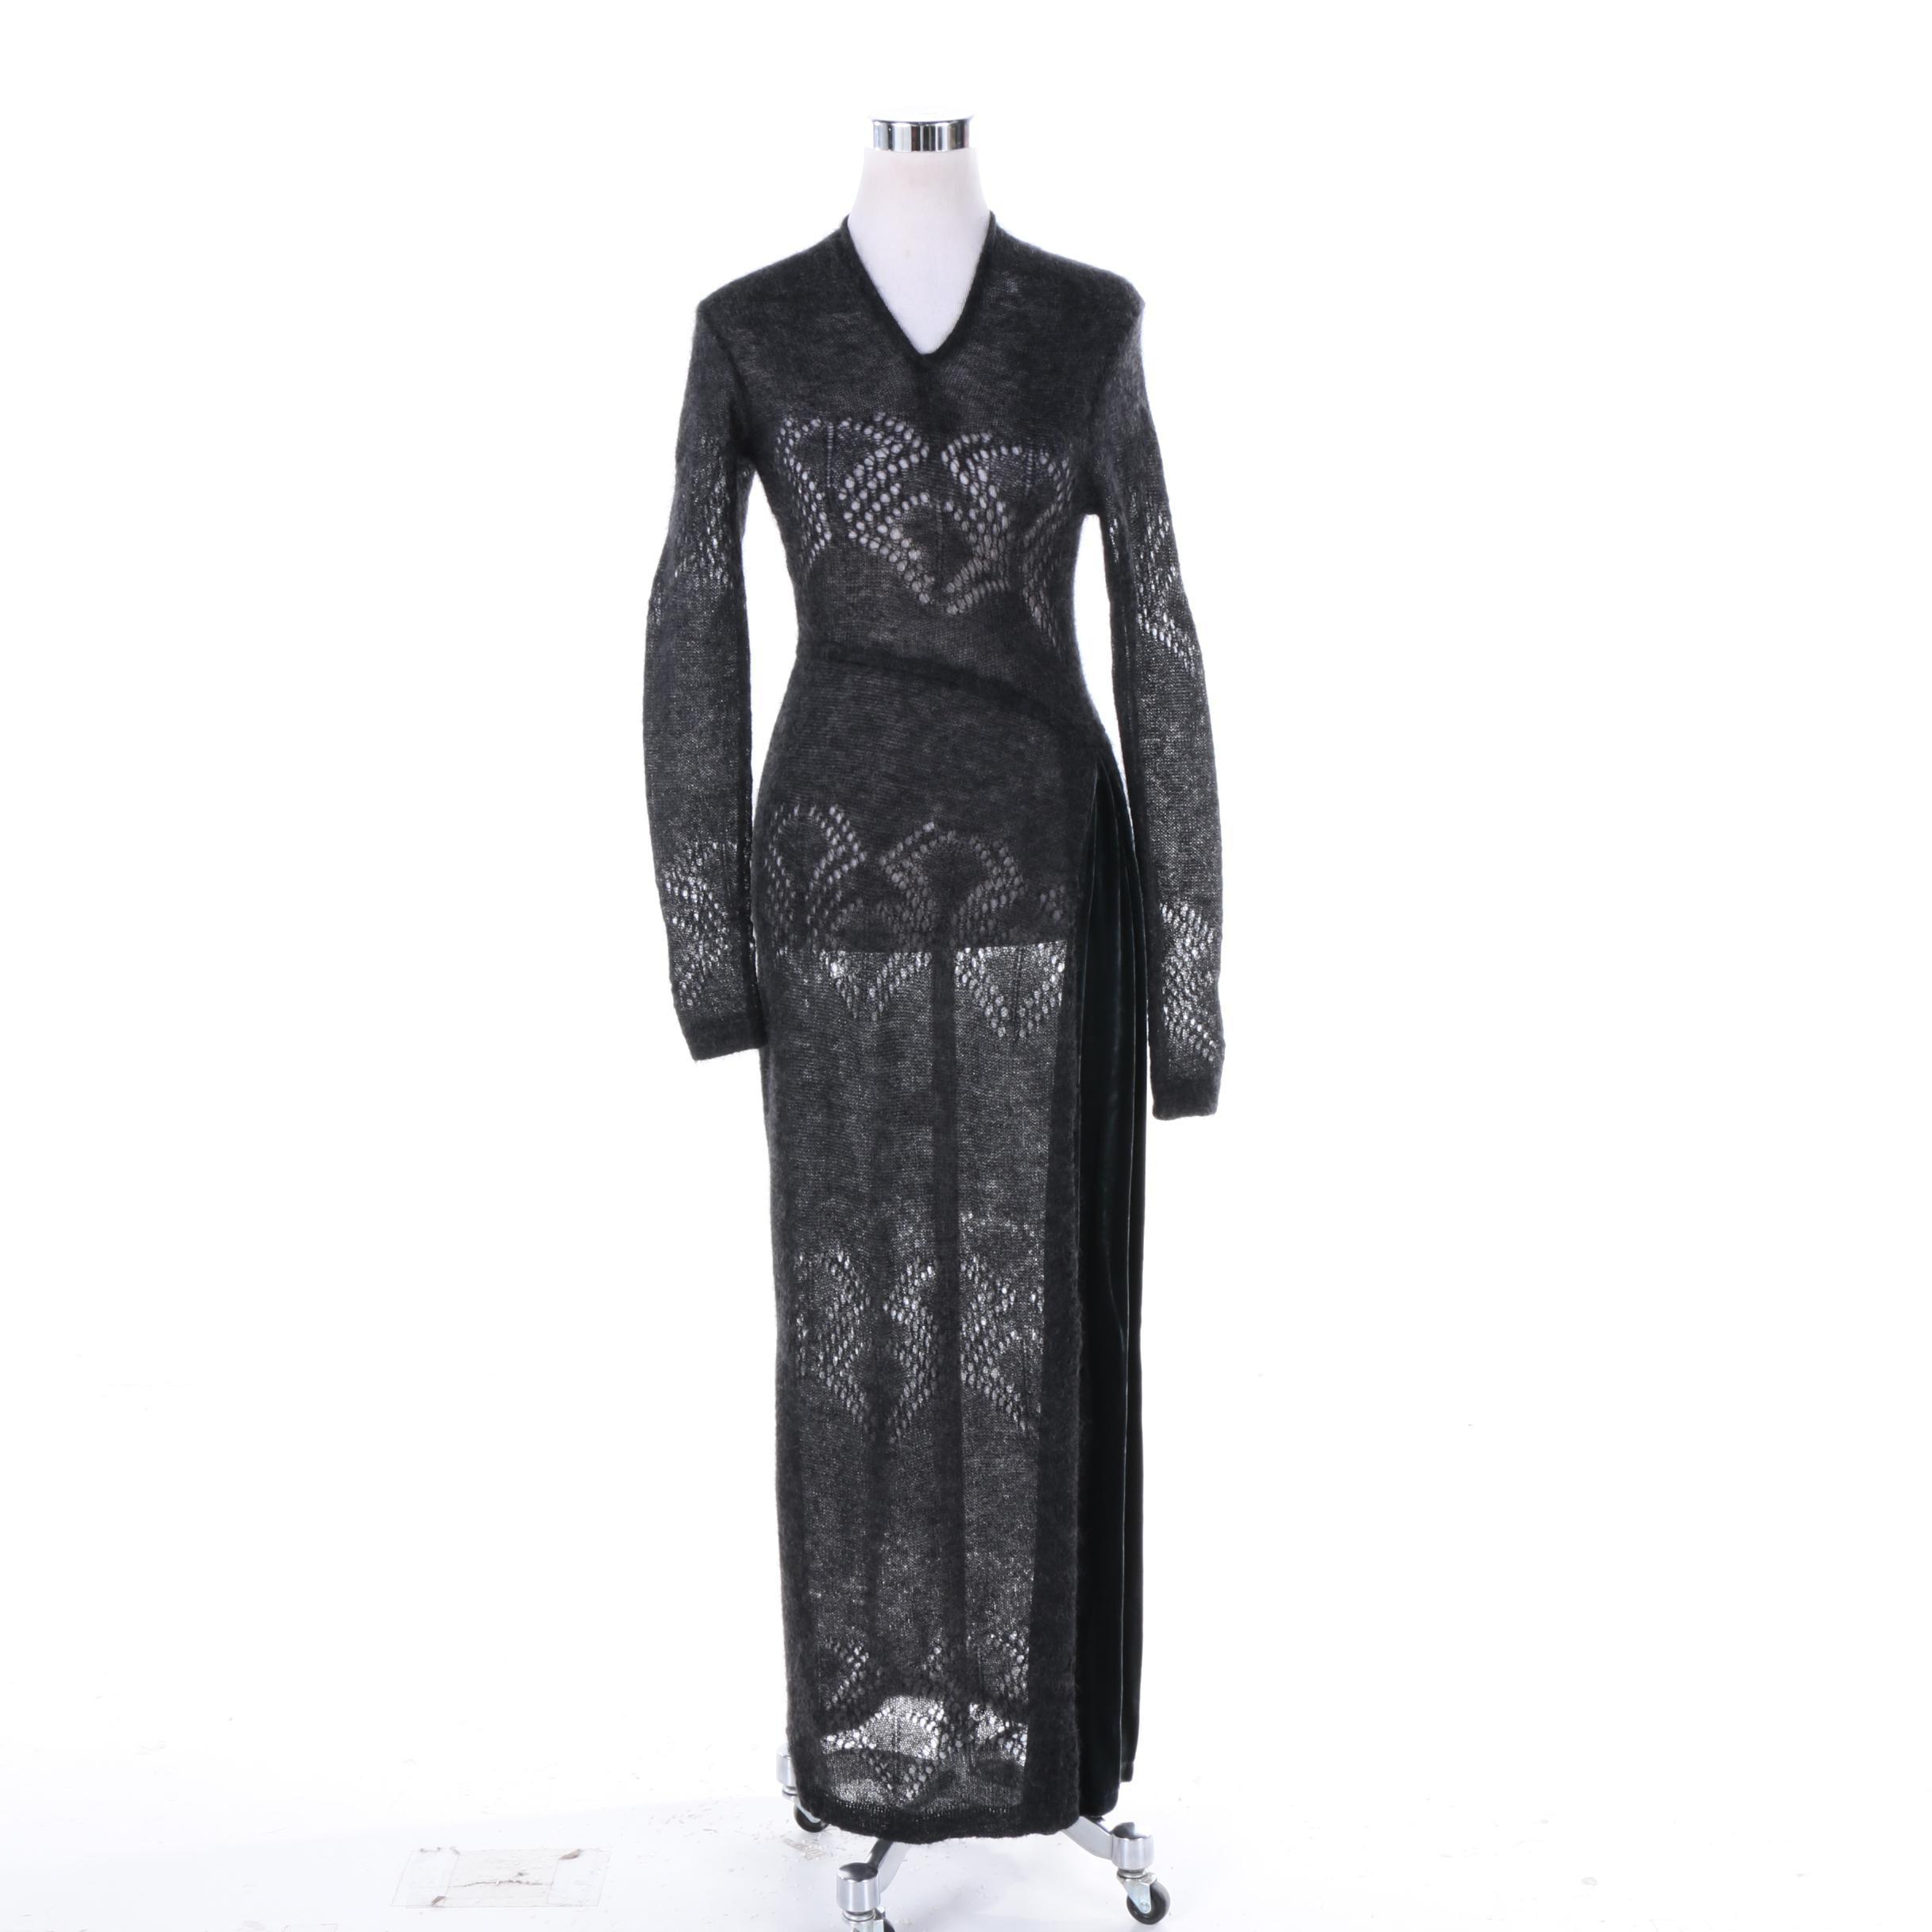 Industria Sheer Black Mohair Blend Knit Dress with Velvet Trim